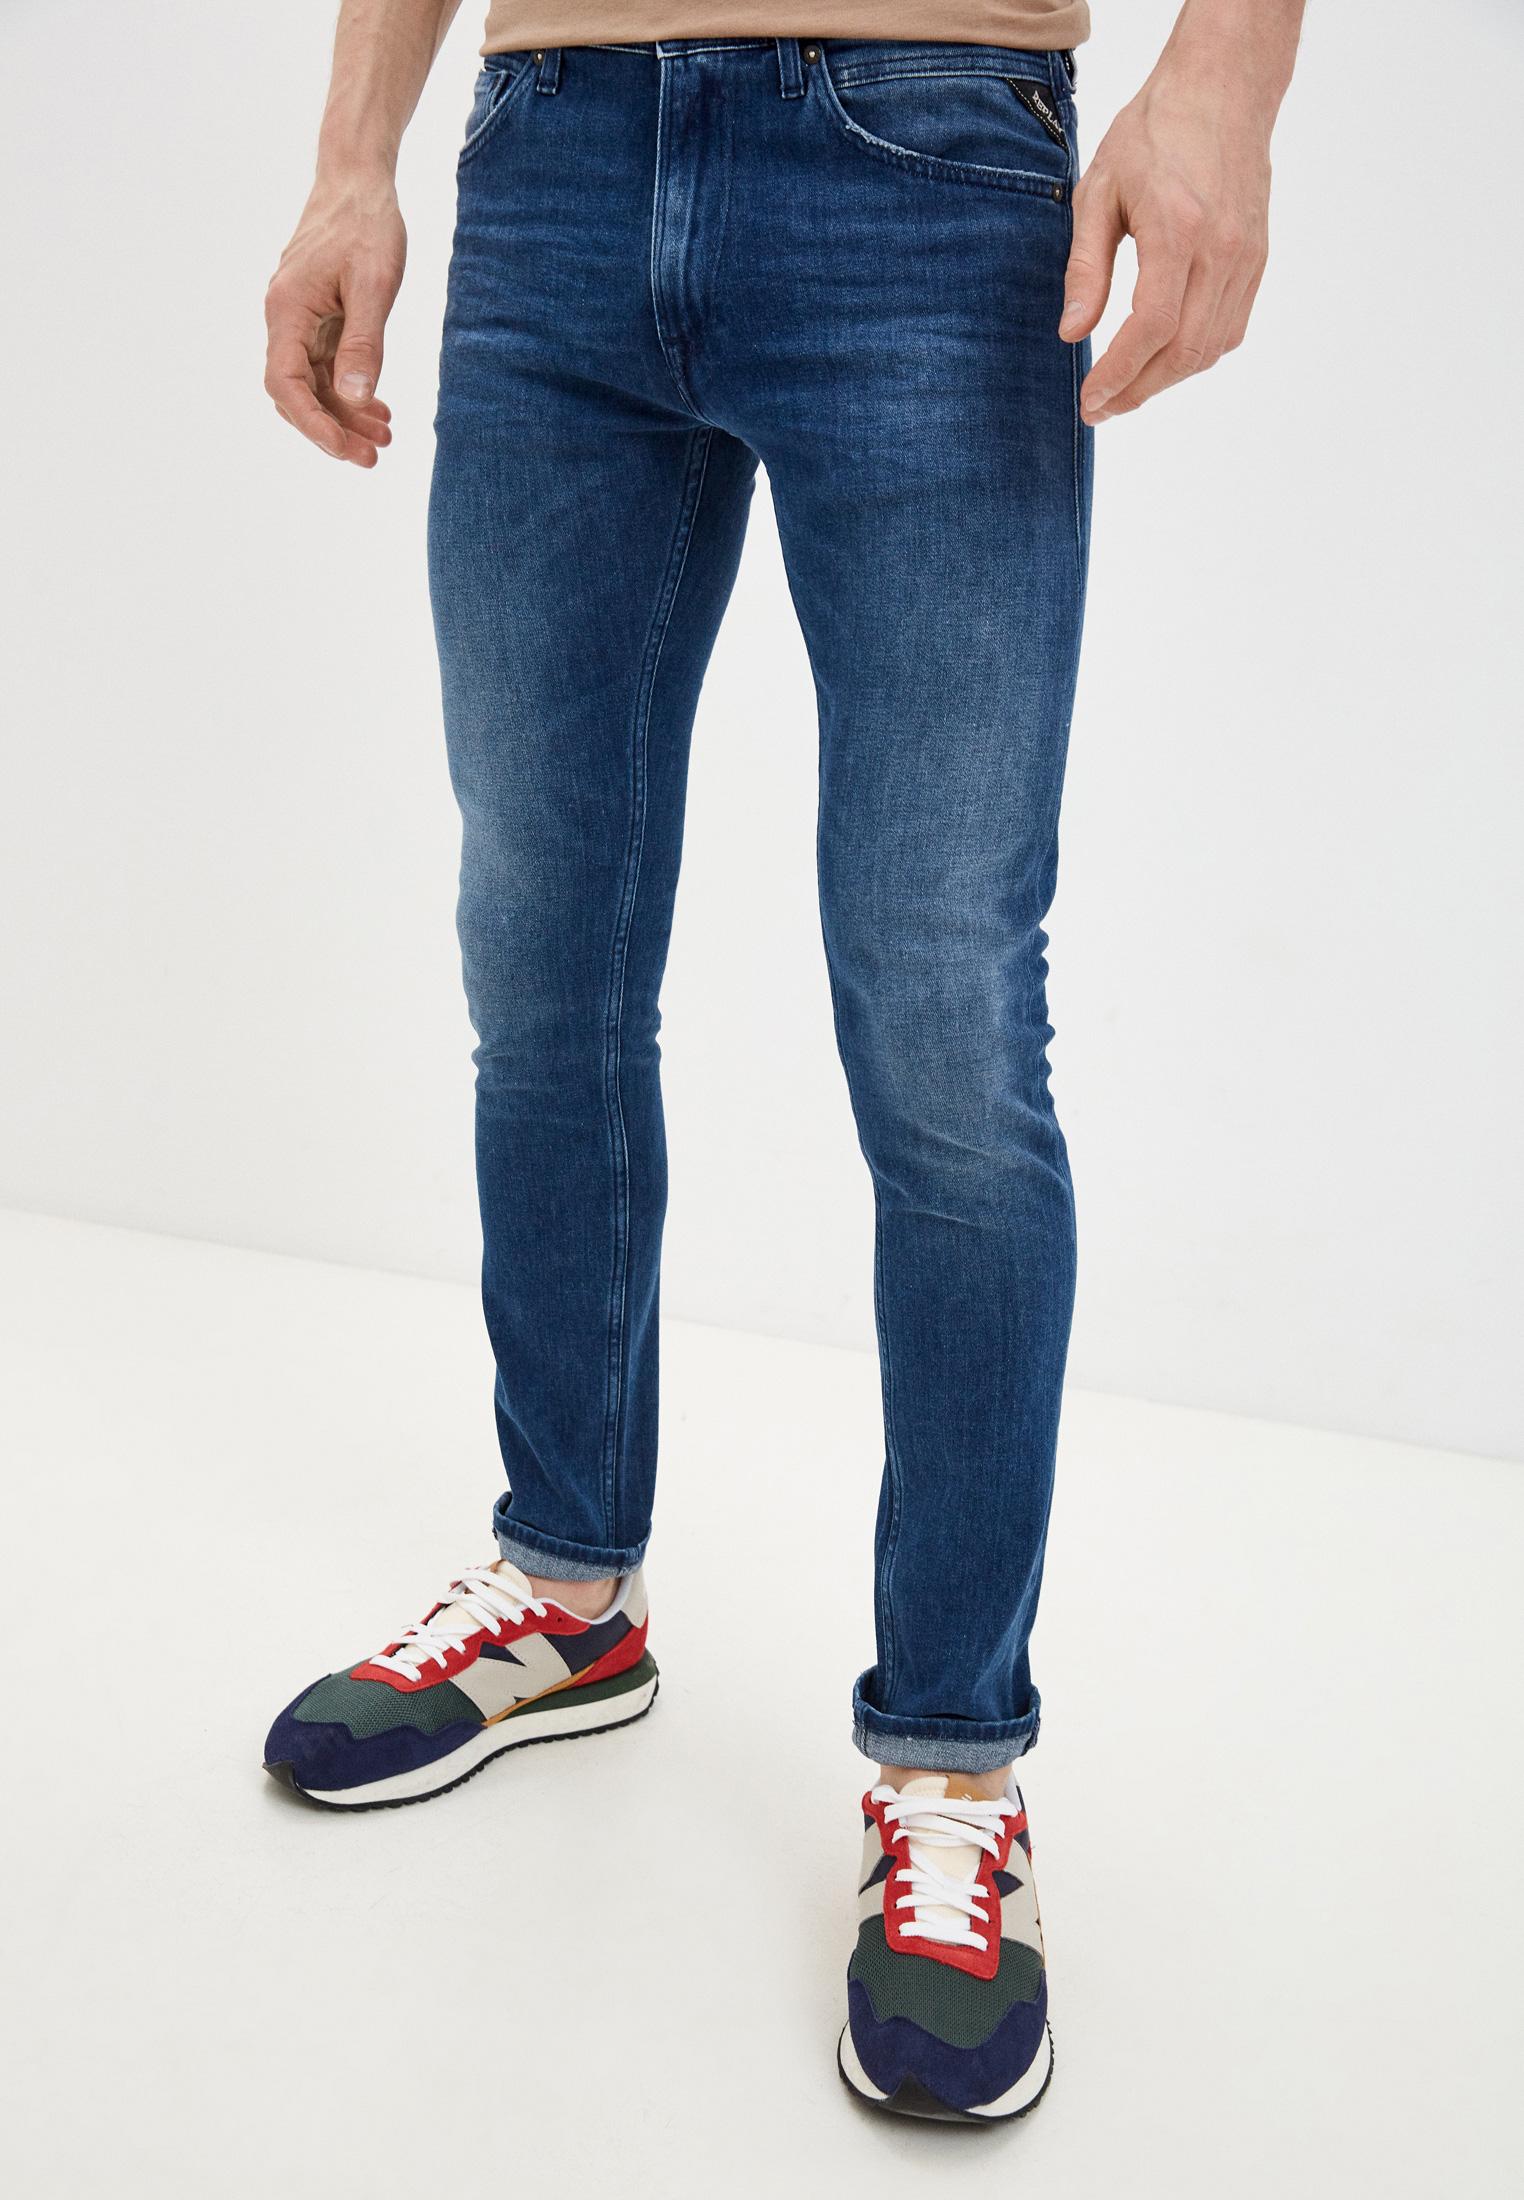 Зауженные джинсы Replay (Реплей) MA931.000.353862